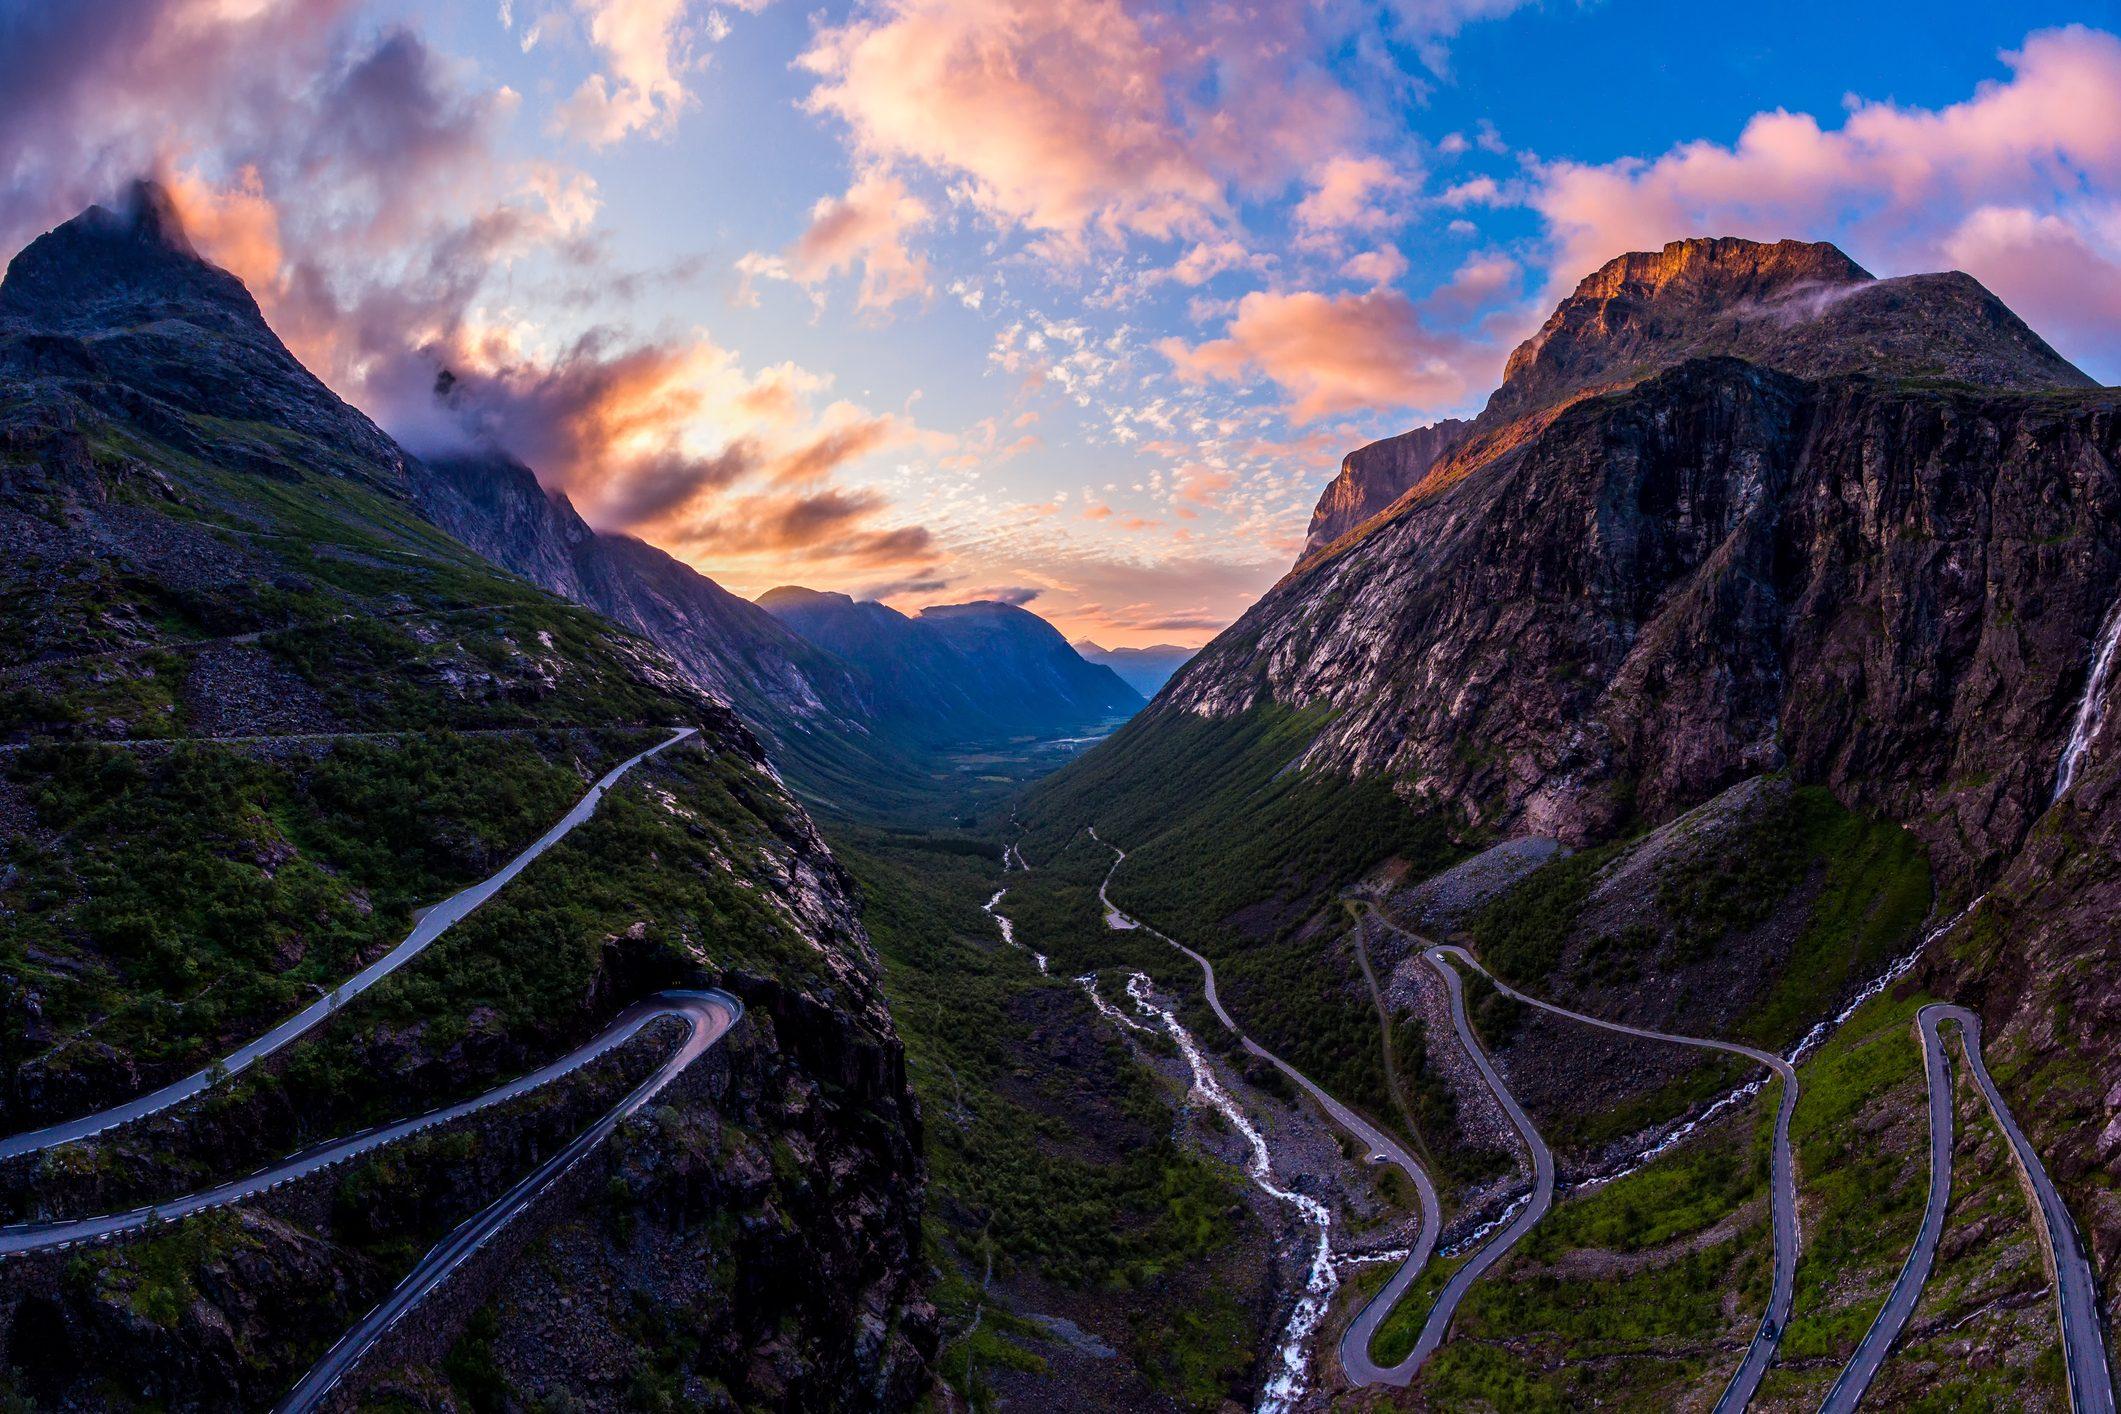 Trollstigen (Trolls path) in sunset